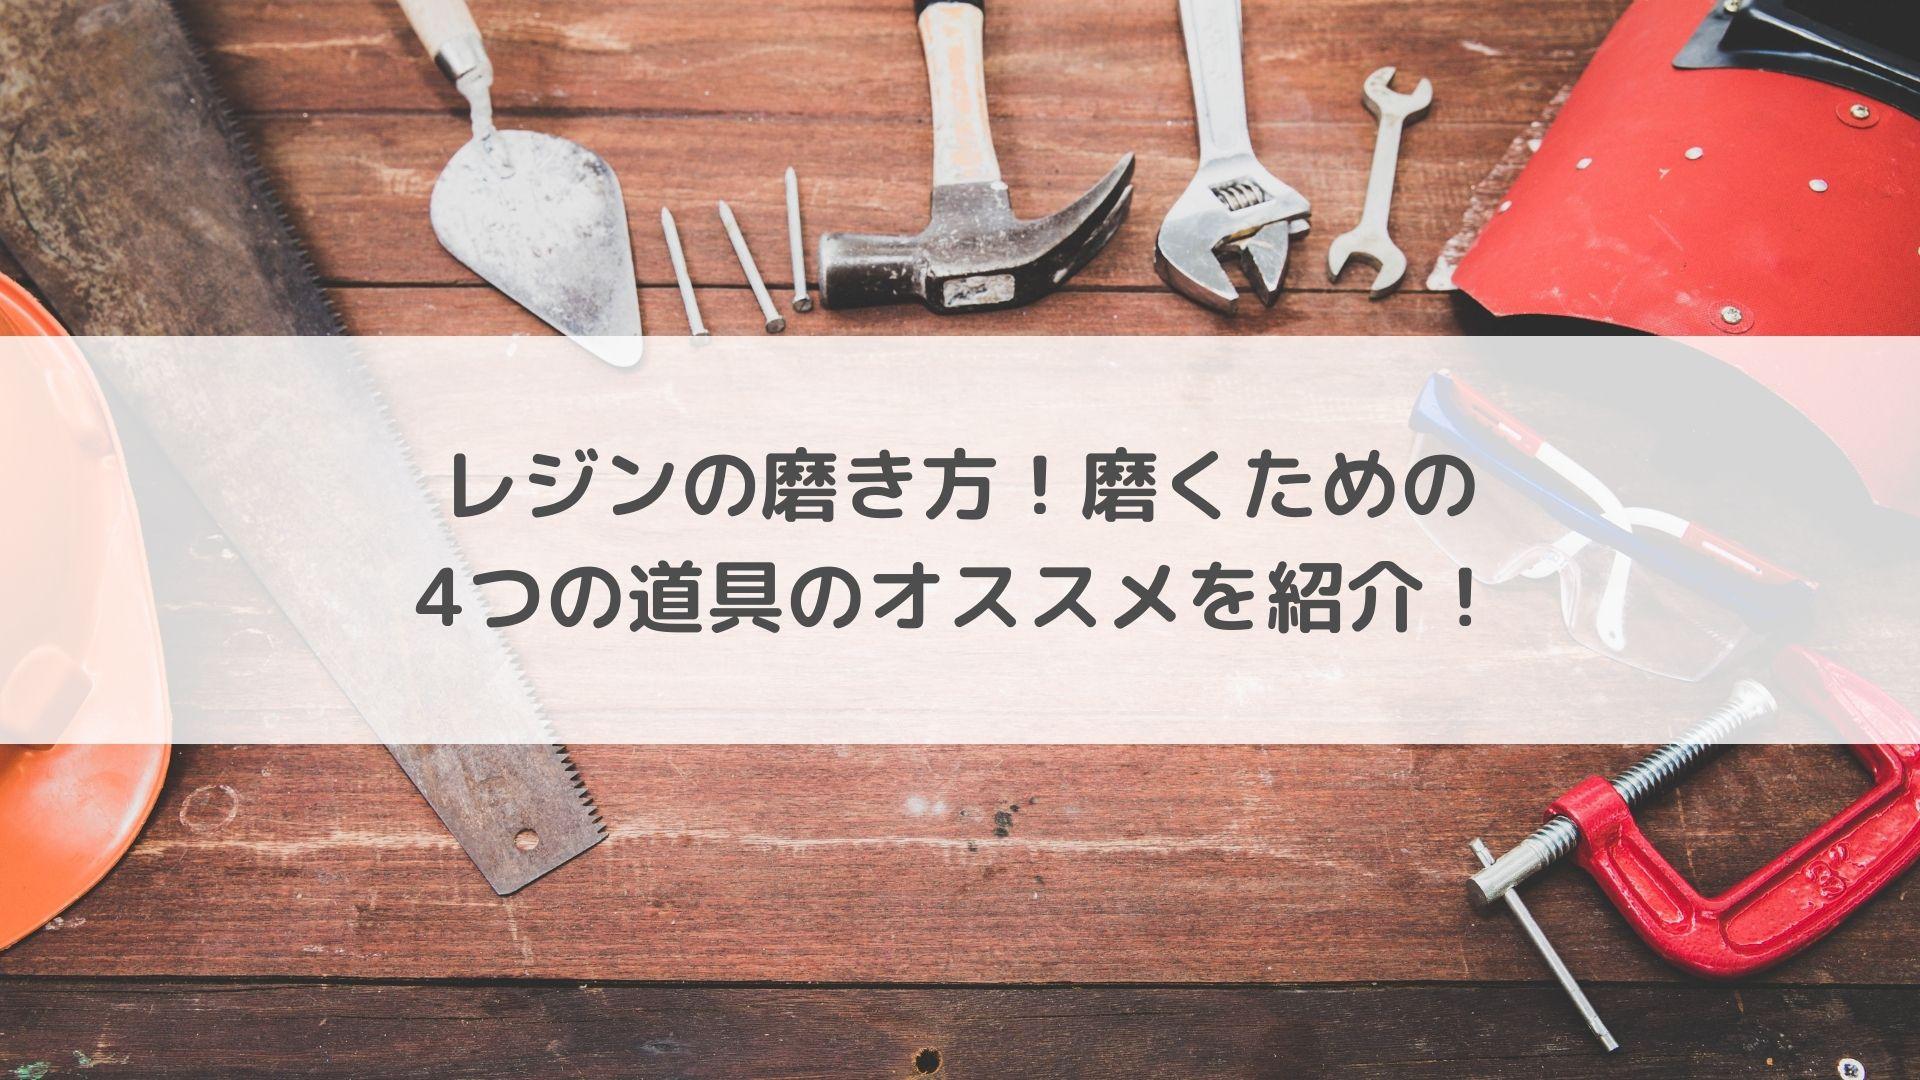 レジンの磨き方!磨くための4つの道具のオススメを紹介!